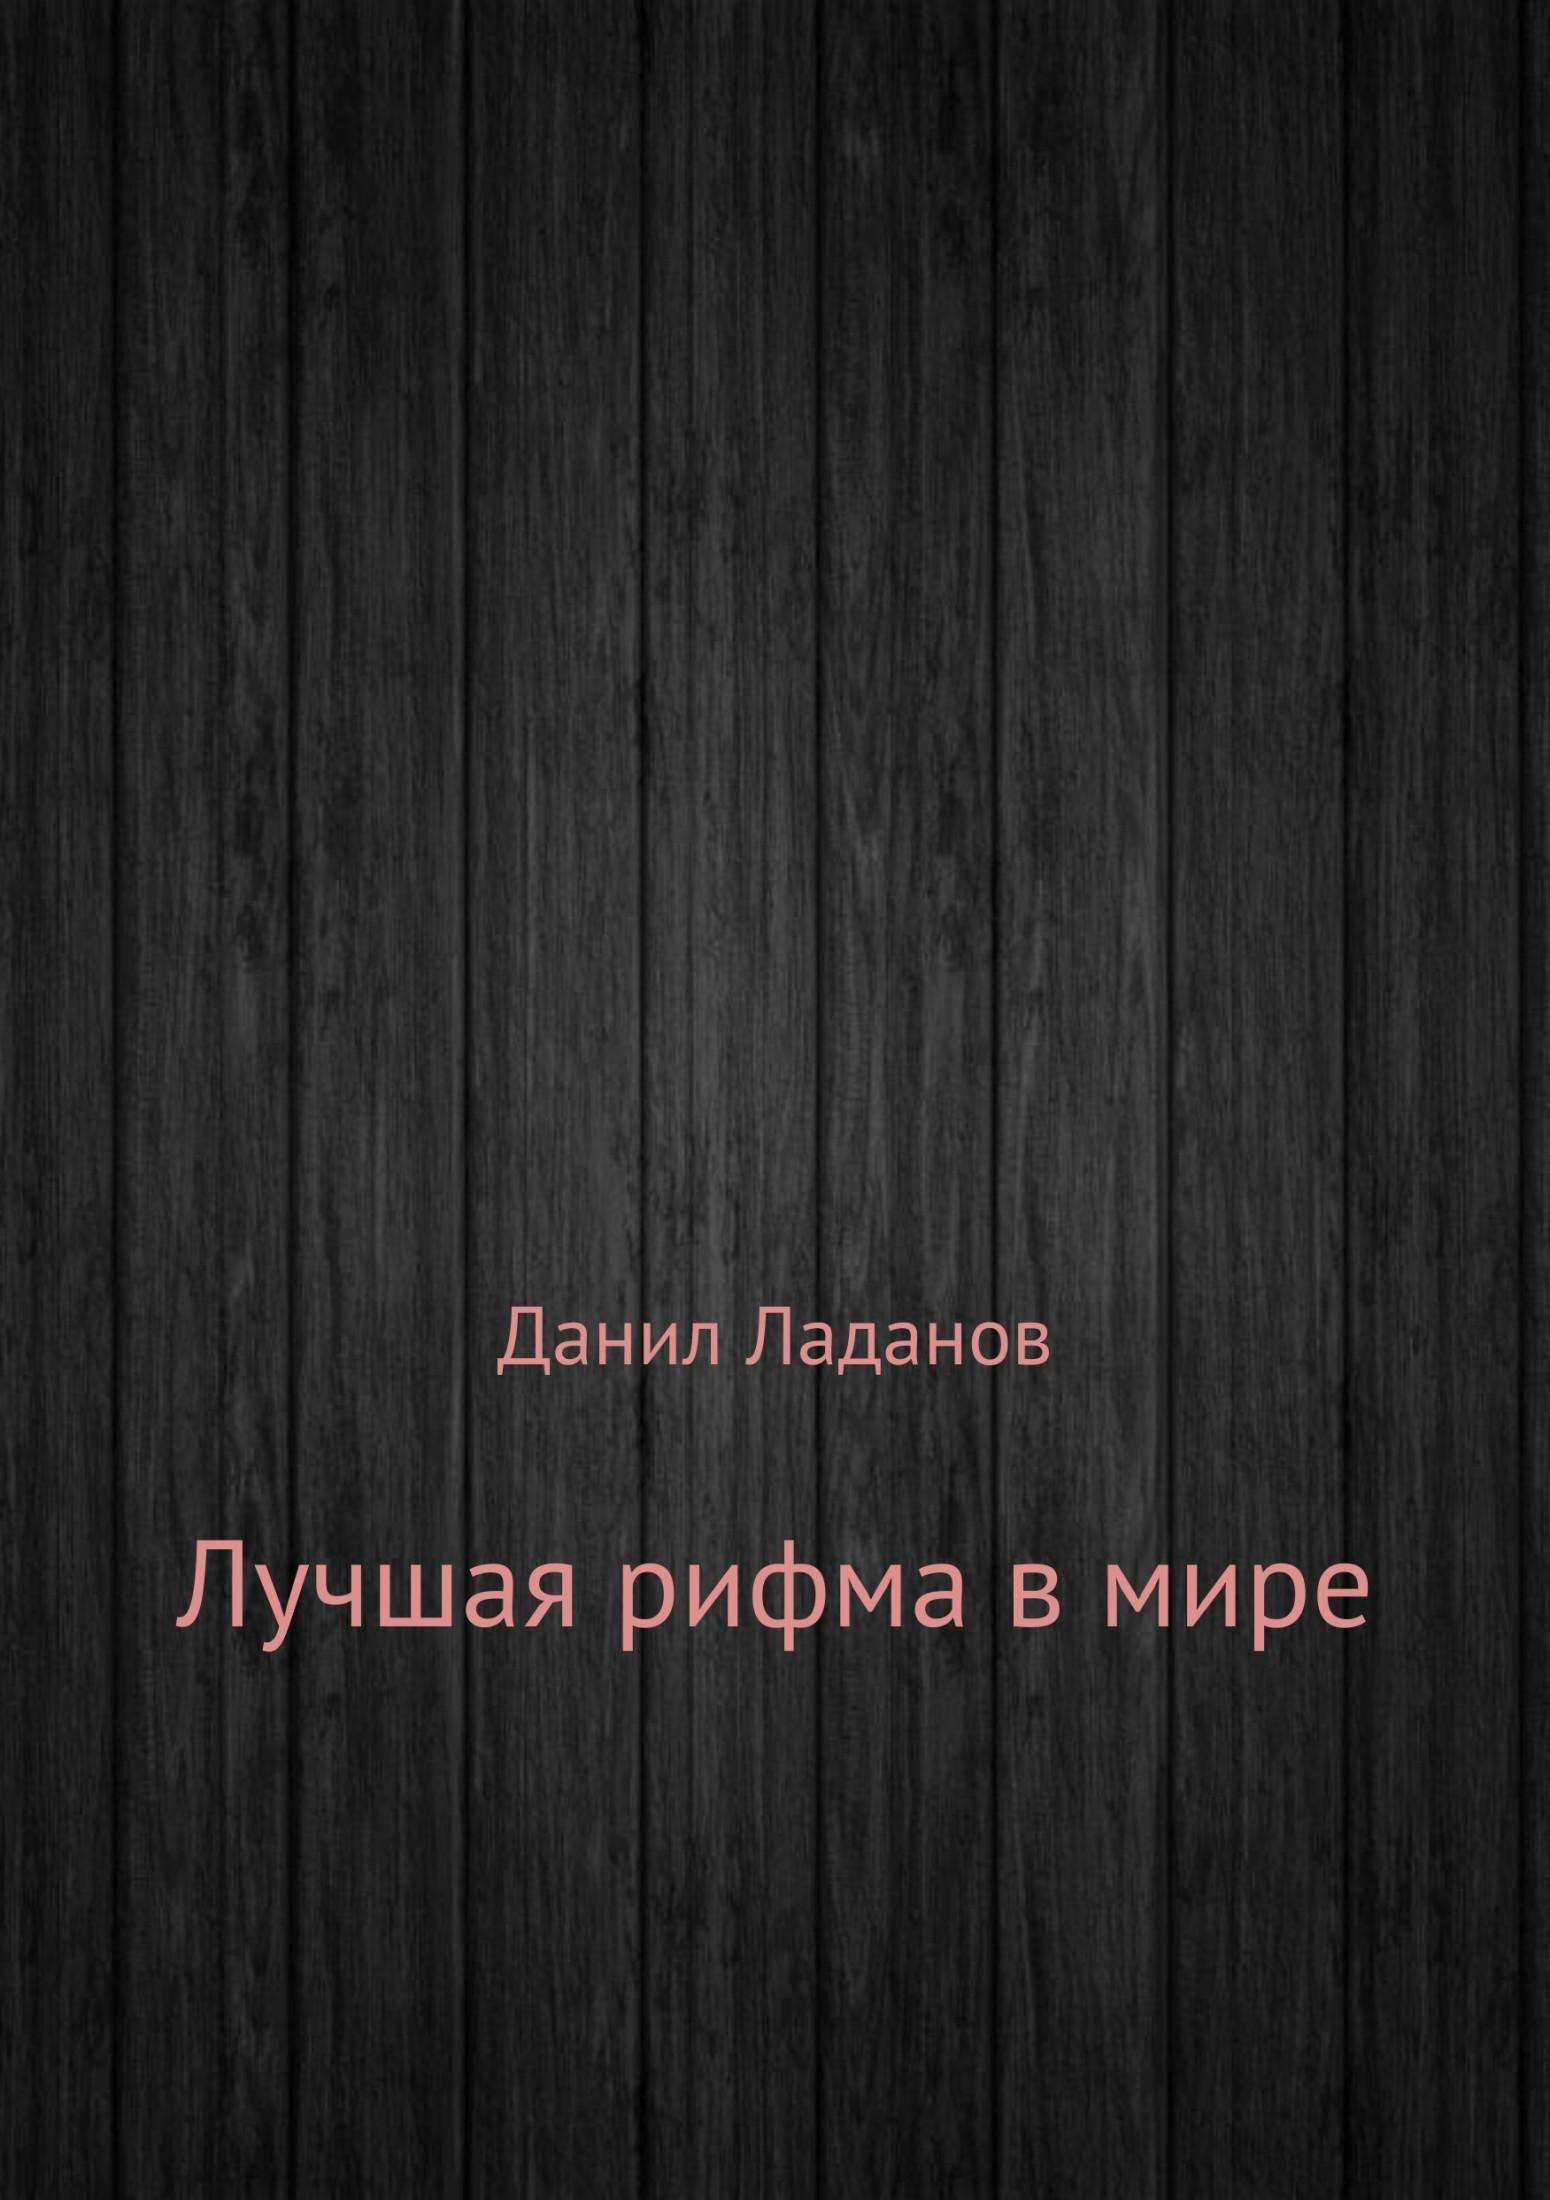 Данил Алексеевич Ладанов Лучшая рифма в мире. Сборник стихотворений